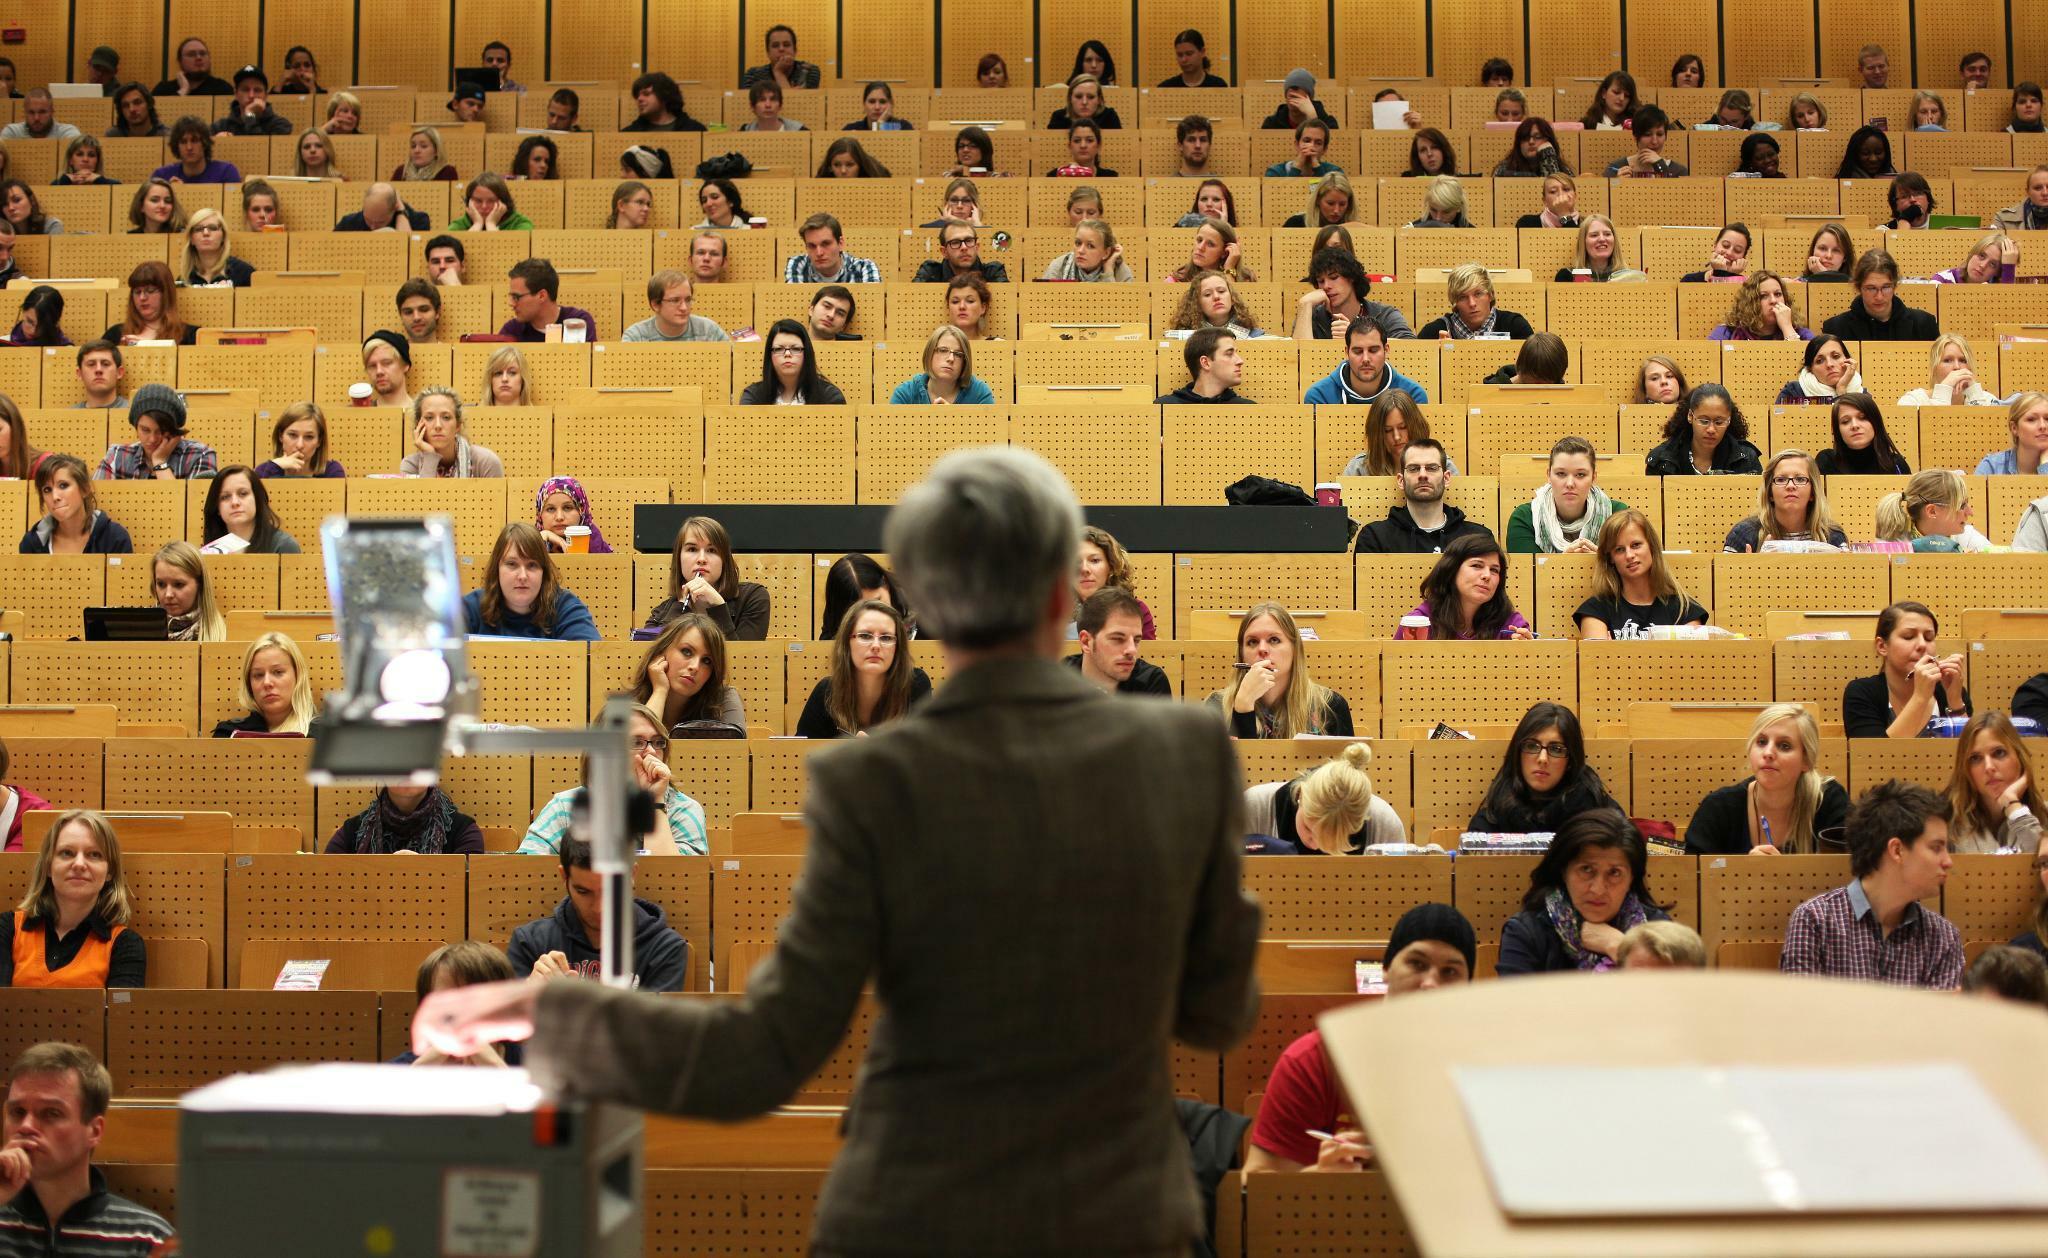 Berufsqualifizierung: So groß sind die regionalen Unterschiede